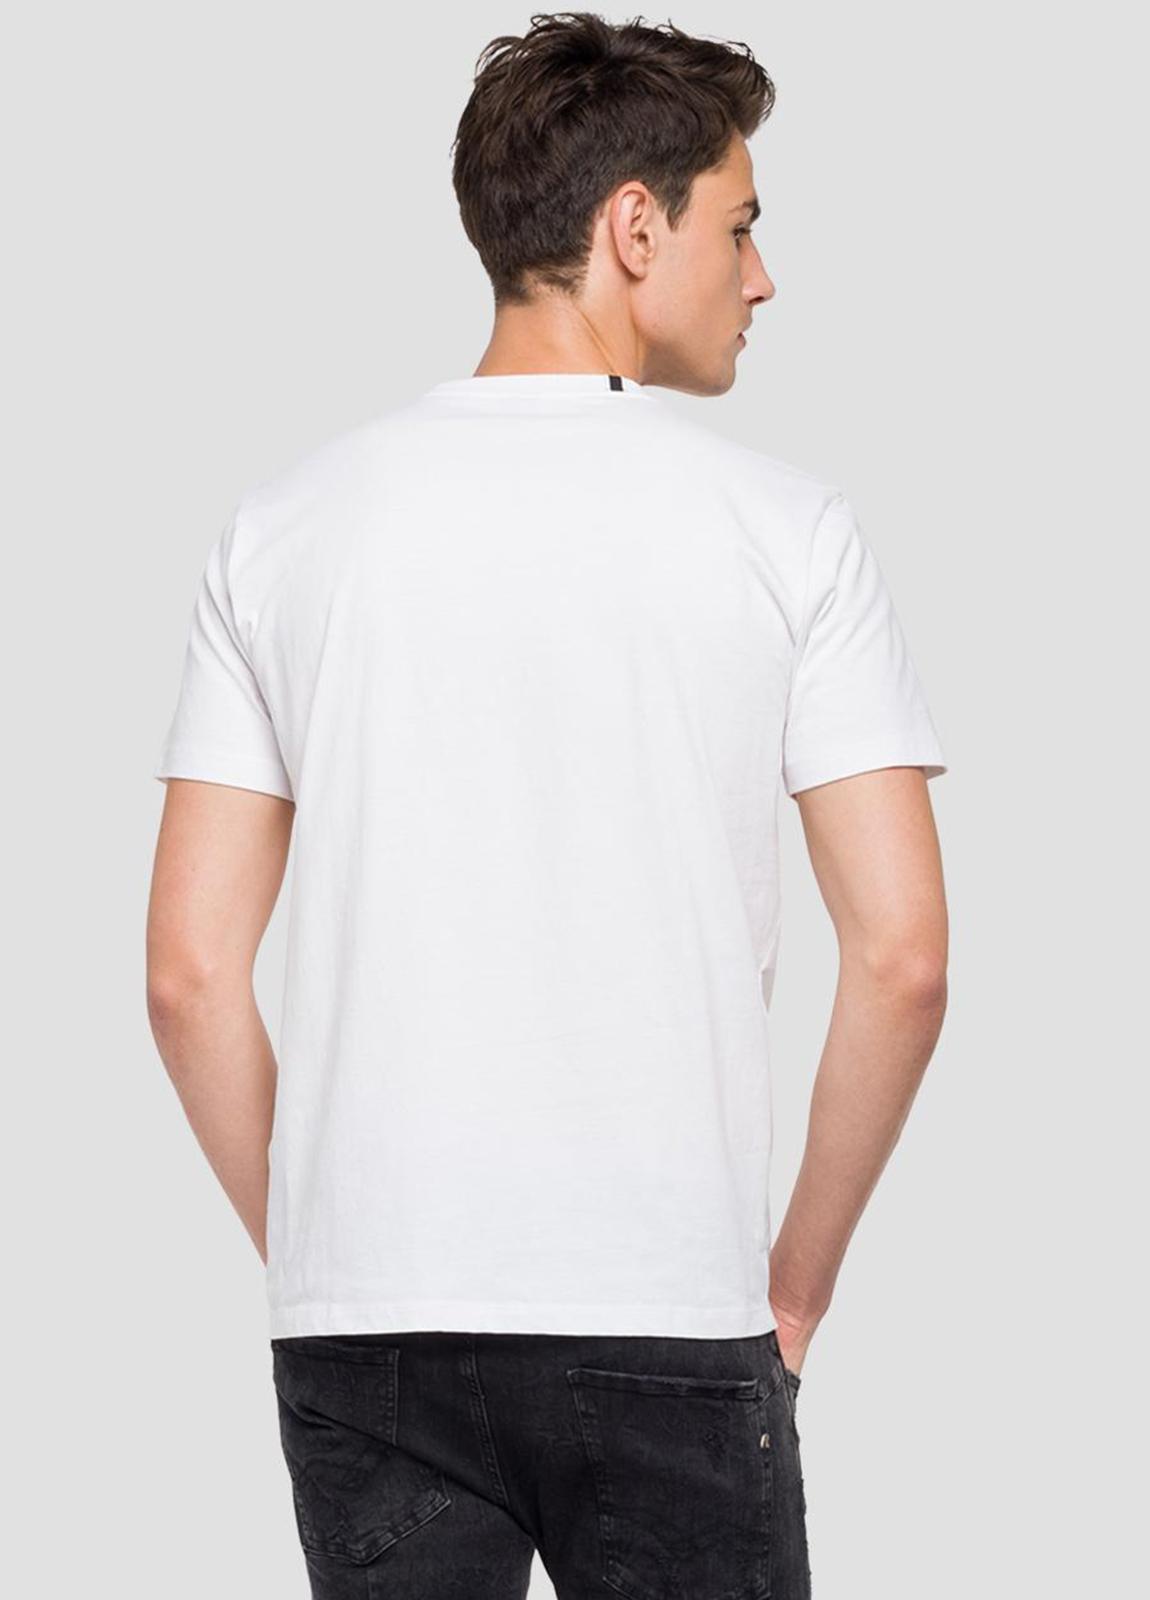 Camiseta manga corta color blanco con estampado en pecho.100% Algodón. - Ítem1